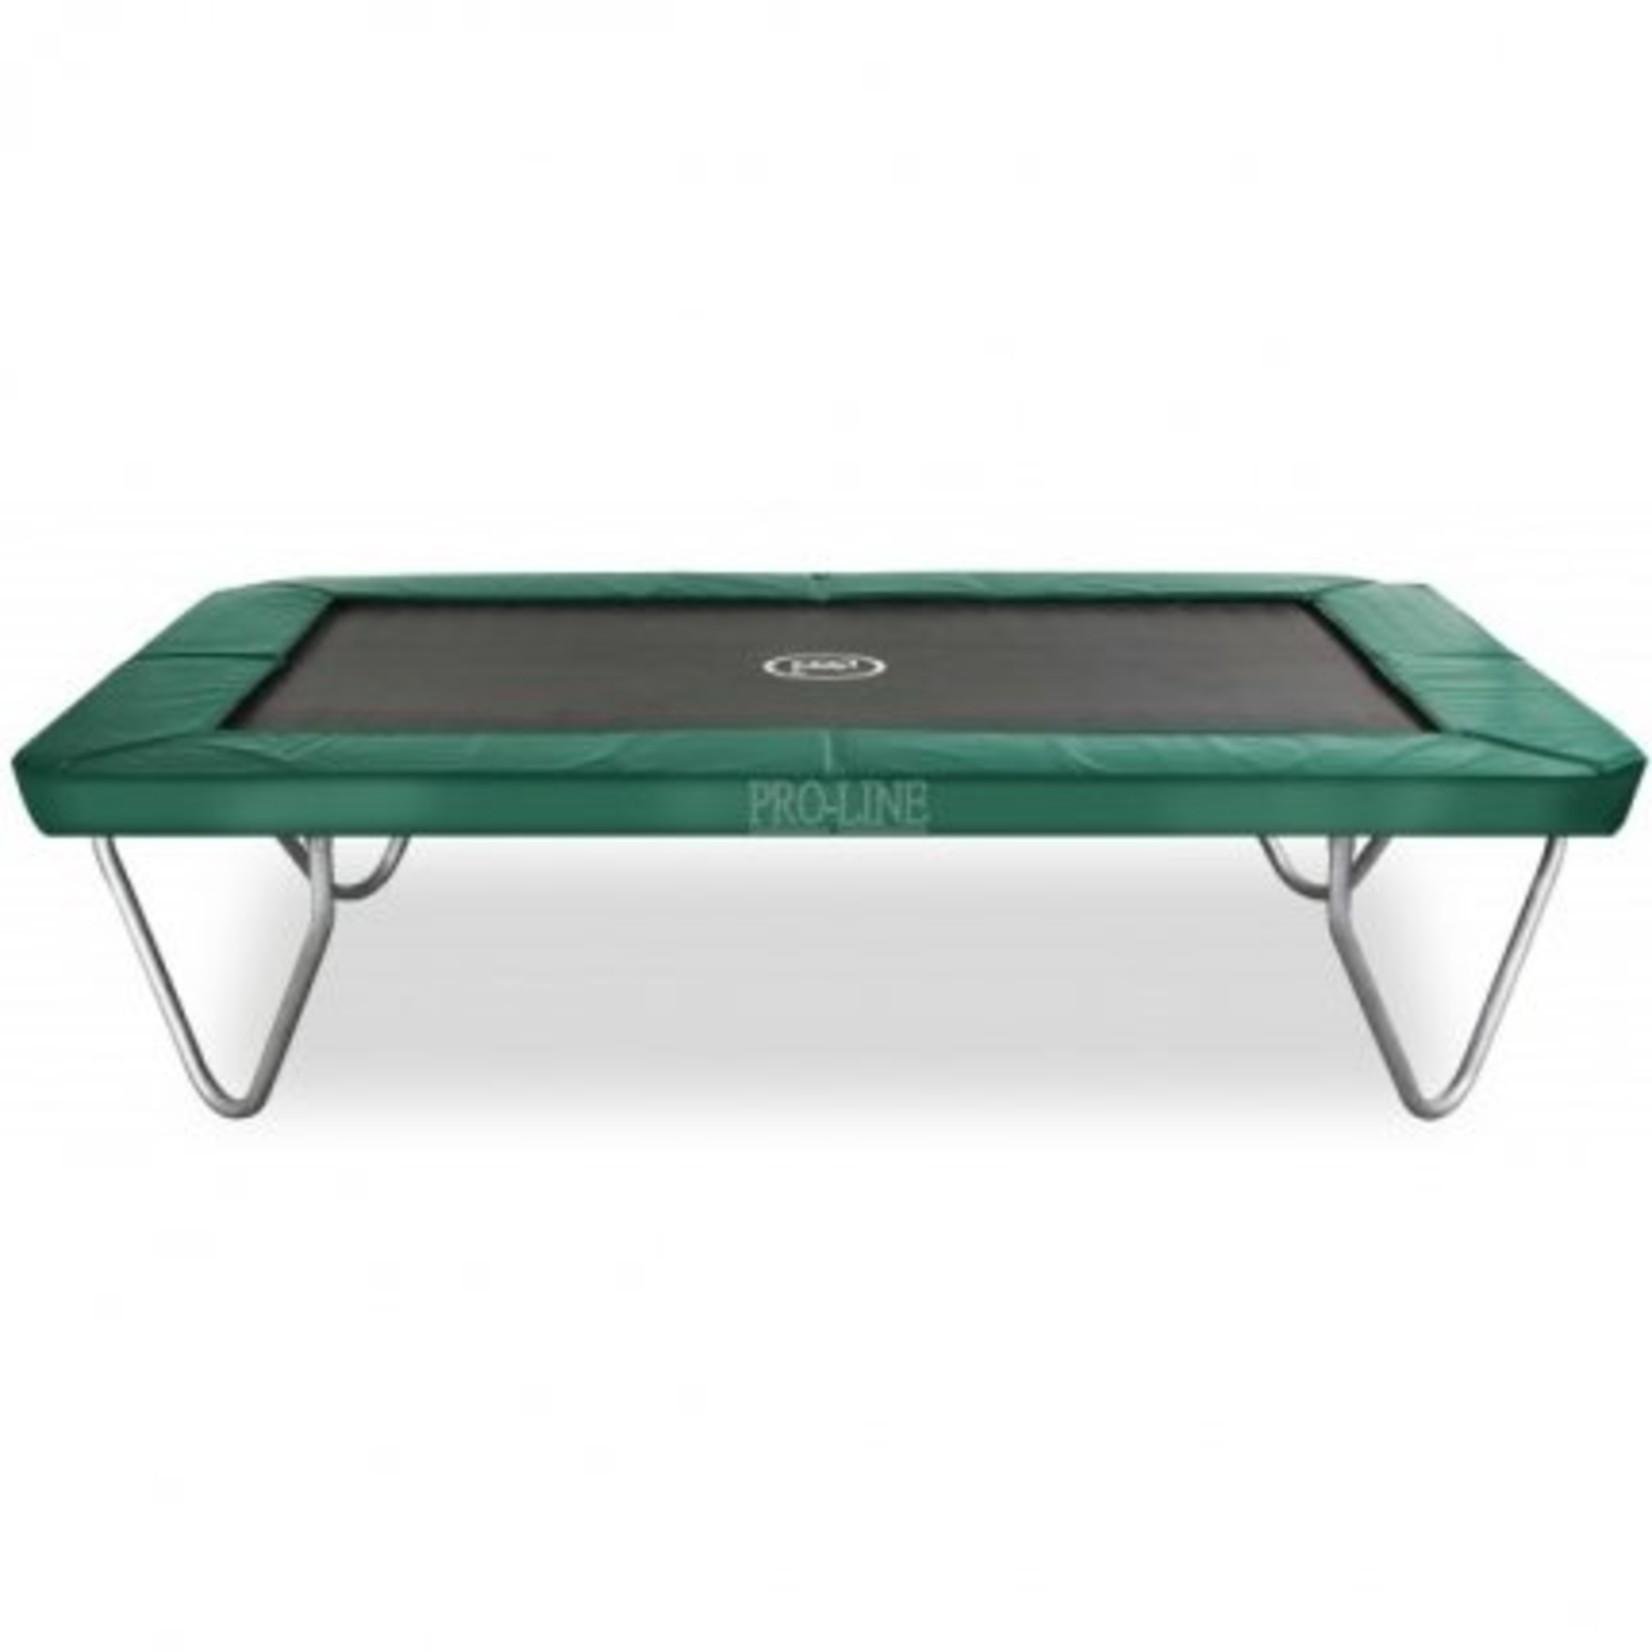 Avyna Top kwaliteit trampoline, die zeer veilig is en onderhoudsvriendelijk.Formaat:380x255x86cm.